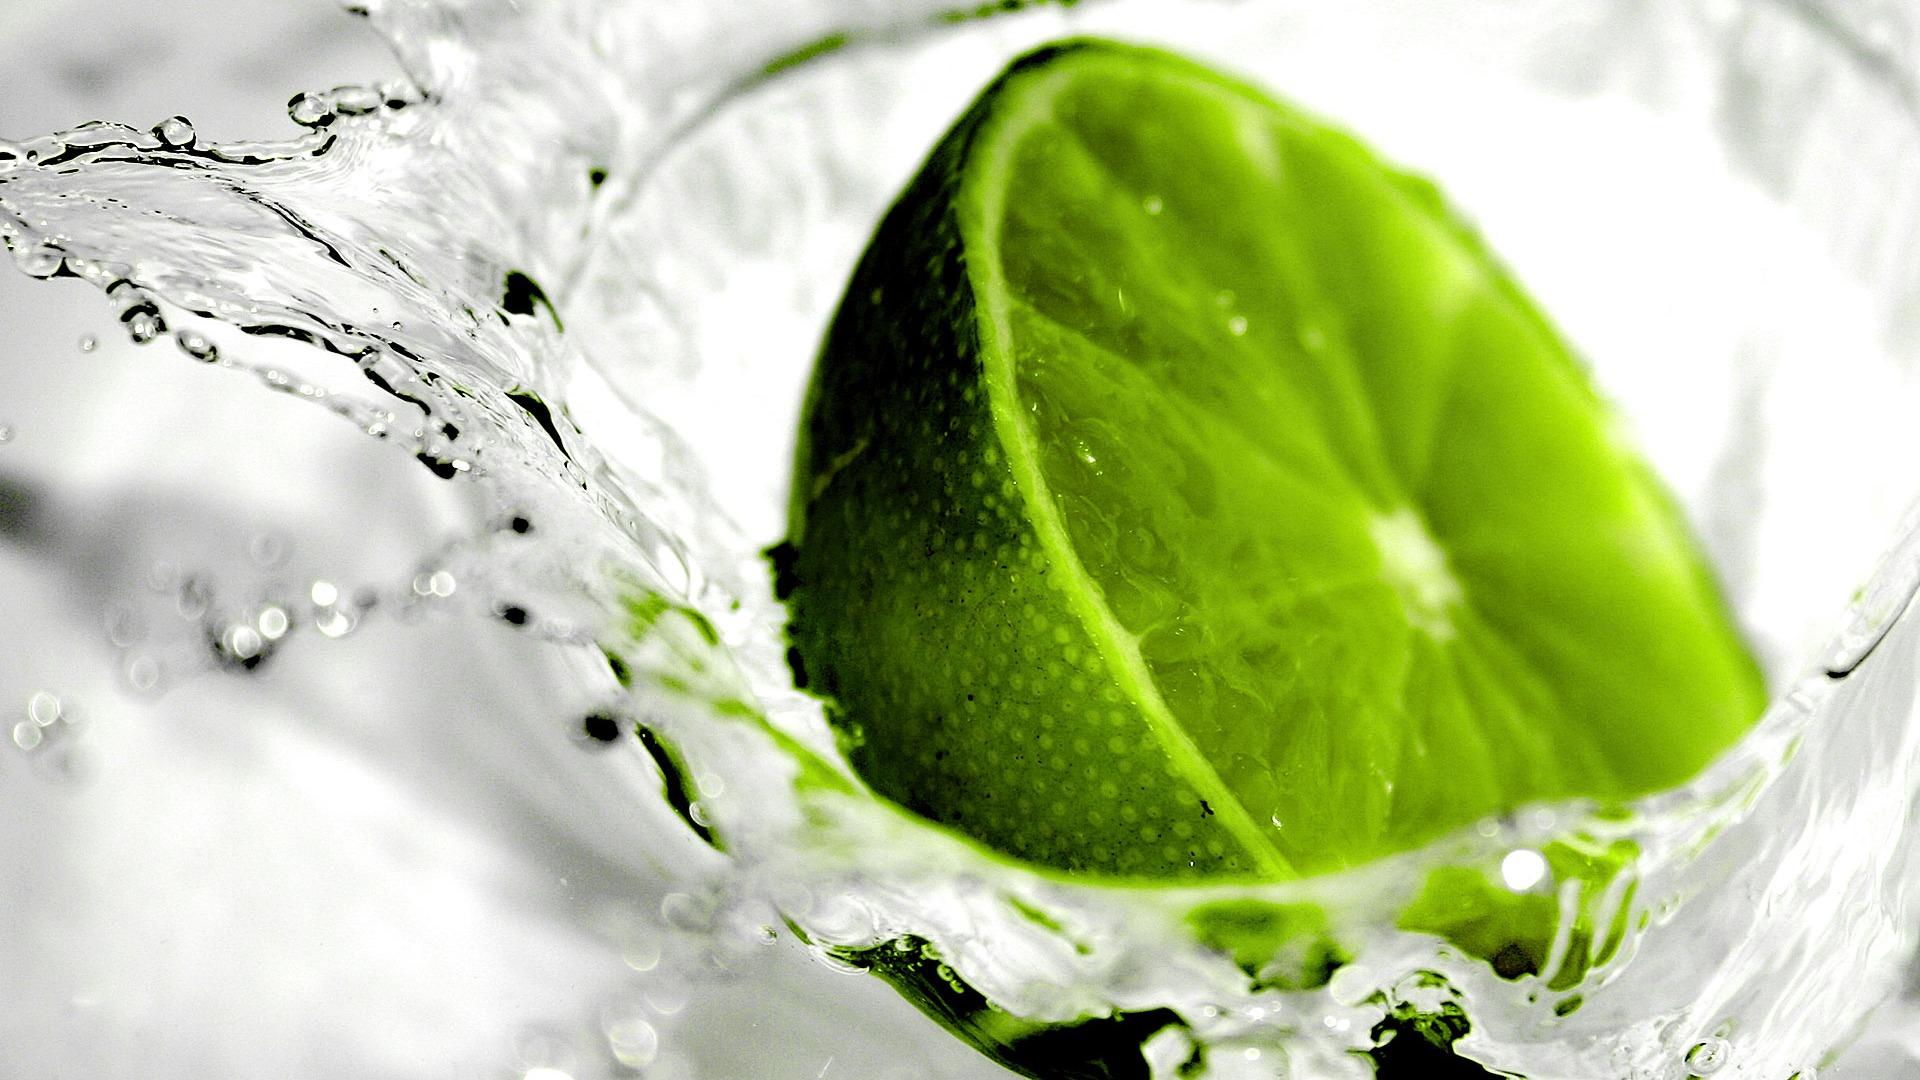 limonka-w-wodzie